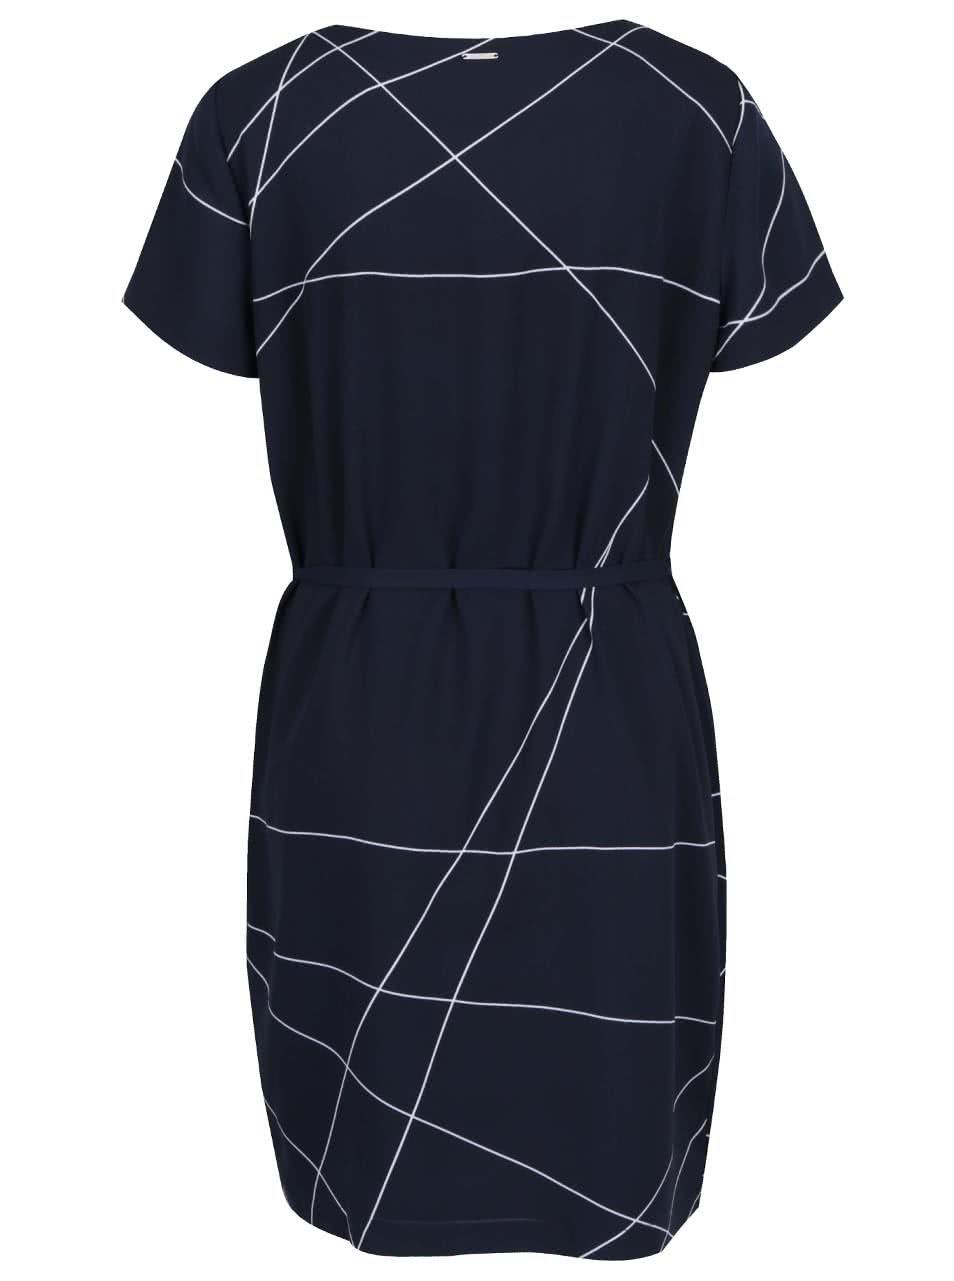 9a6e55dc6 Tmavomodré voľné vzorované šaty Nautica   ZOOT.sk